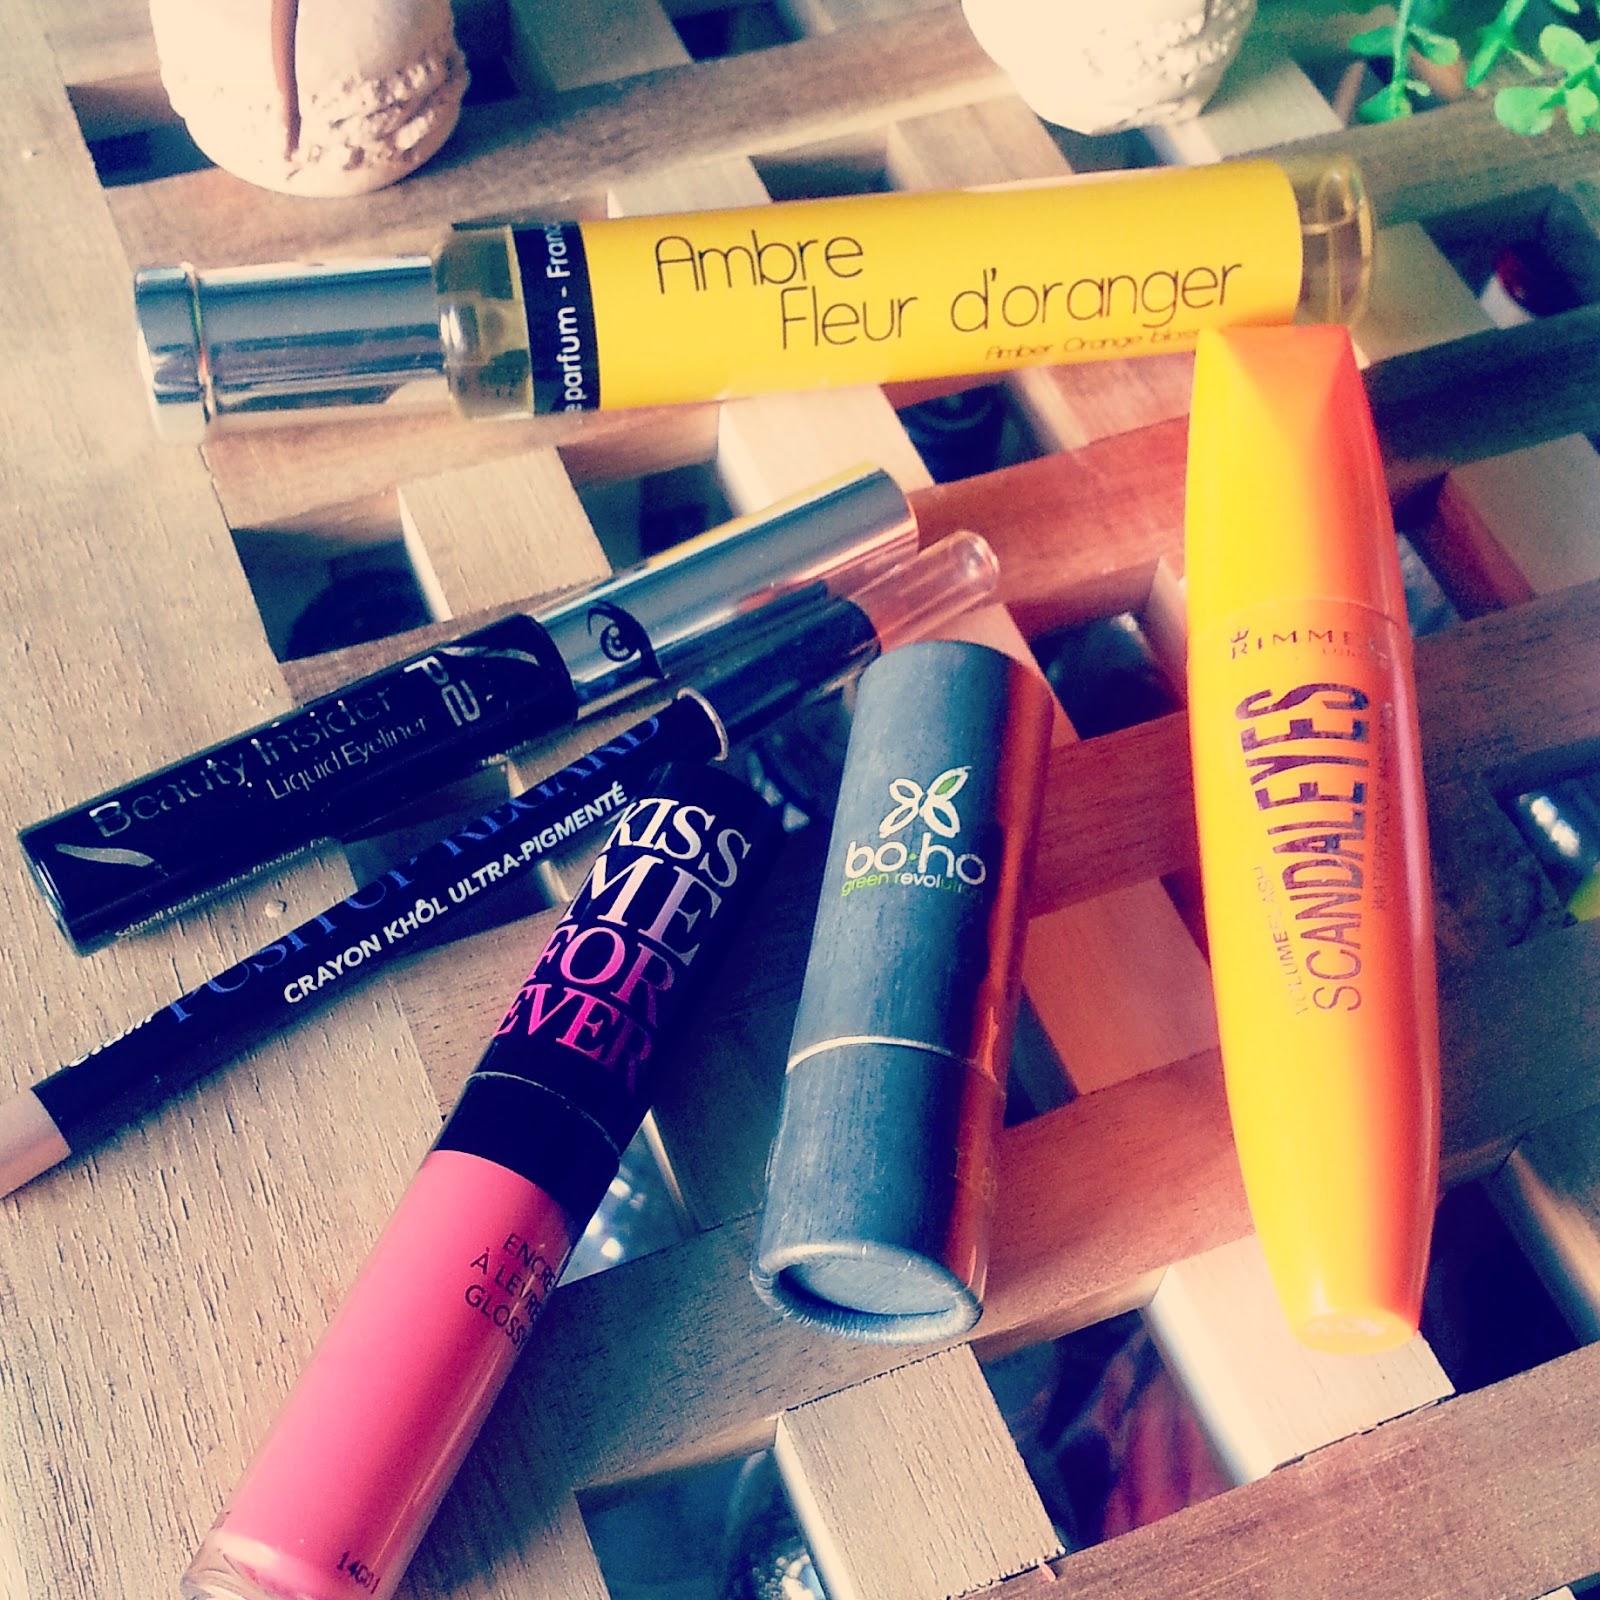 6ee06471077a Je suis une grosse fan des encres à lèvres d Etam et notamment de celui ci,  le 1,2,3 Corail  ) ...  ...Mais aussi de leurs crayons pour les yeux!